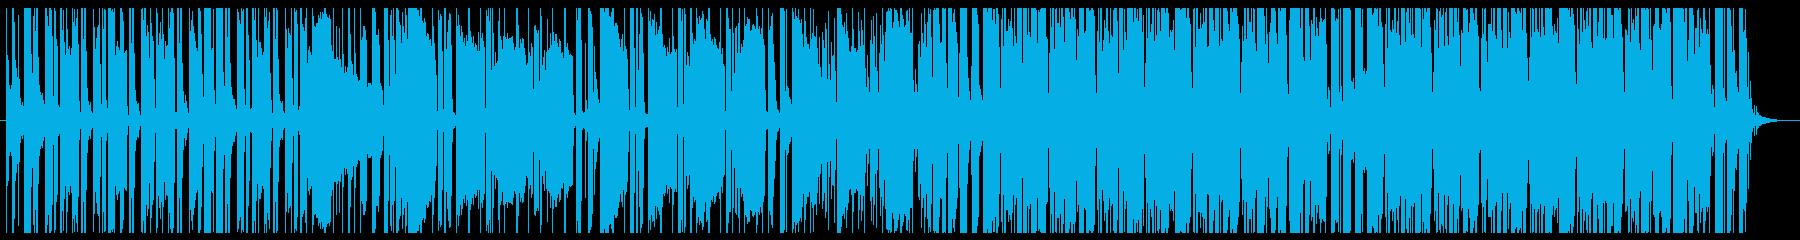 ワクワクした気持ちを感じるBGMの再生済みの波形